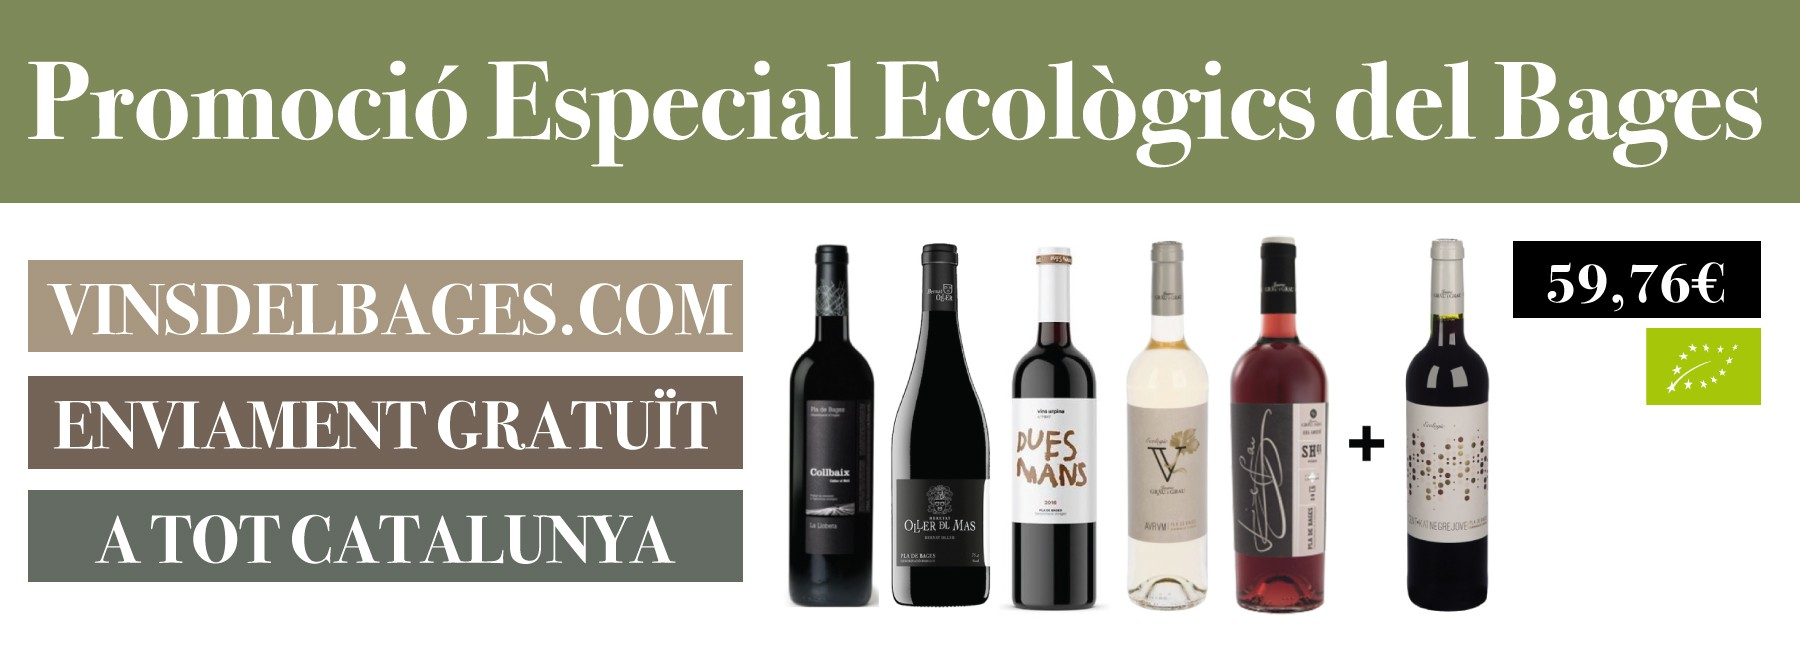 Promoció vins ecològics del bages